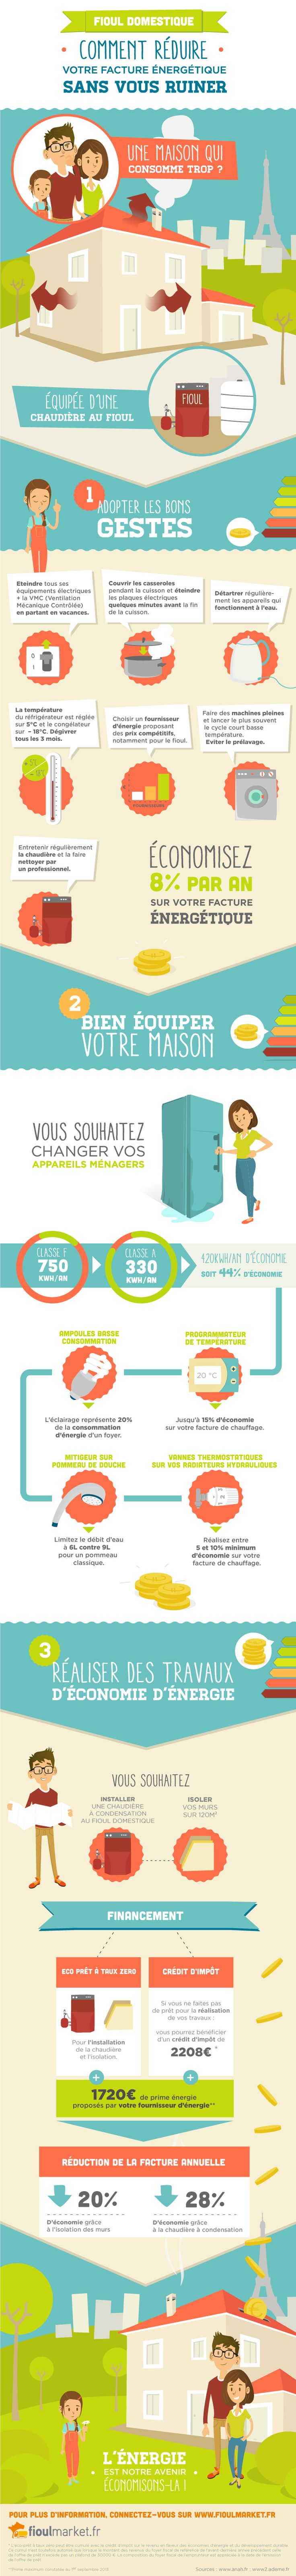 Comment realiser des economies d'energie #infographique